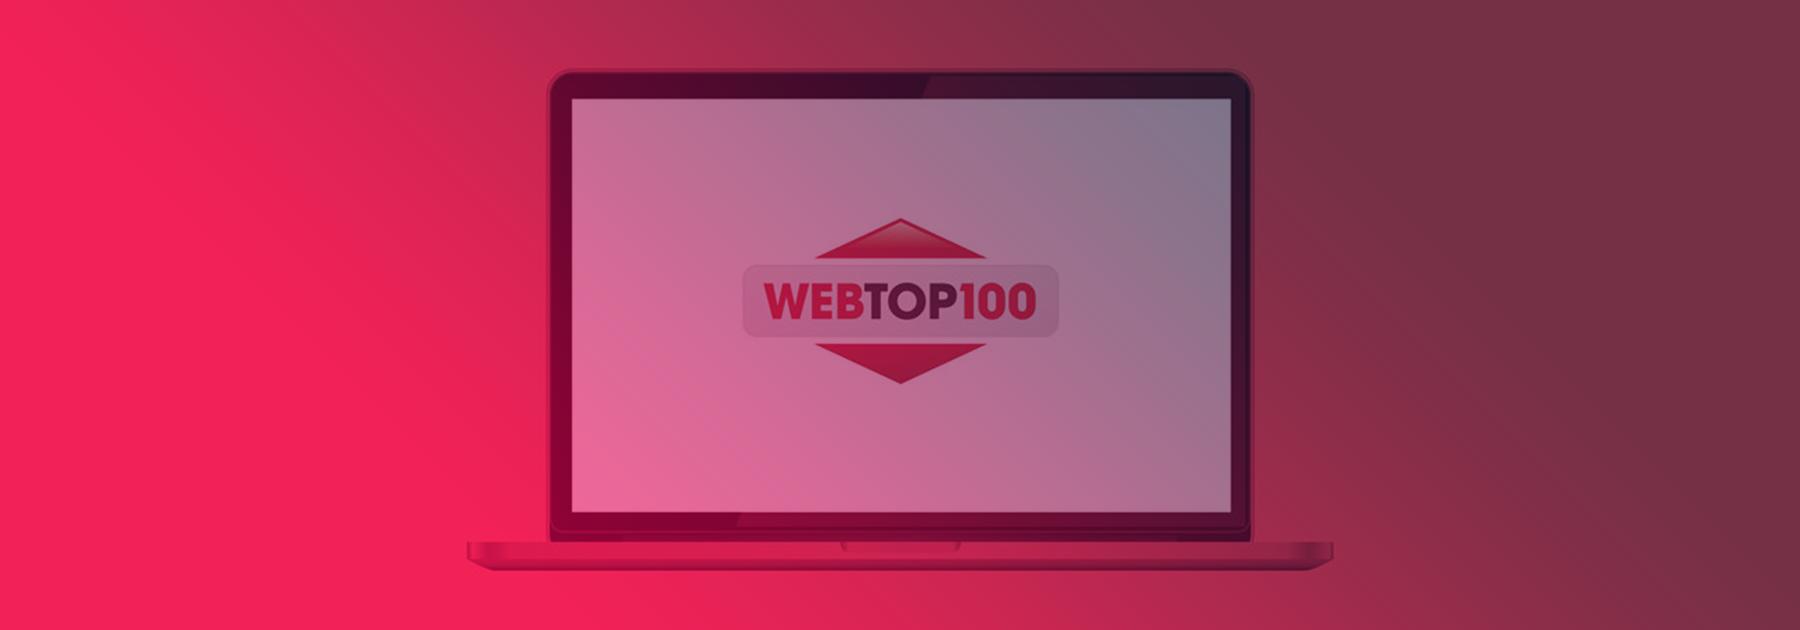 Letošní ročník konference WebTop100 ve zkratce